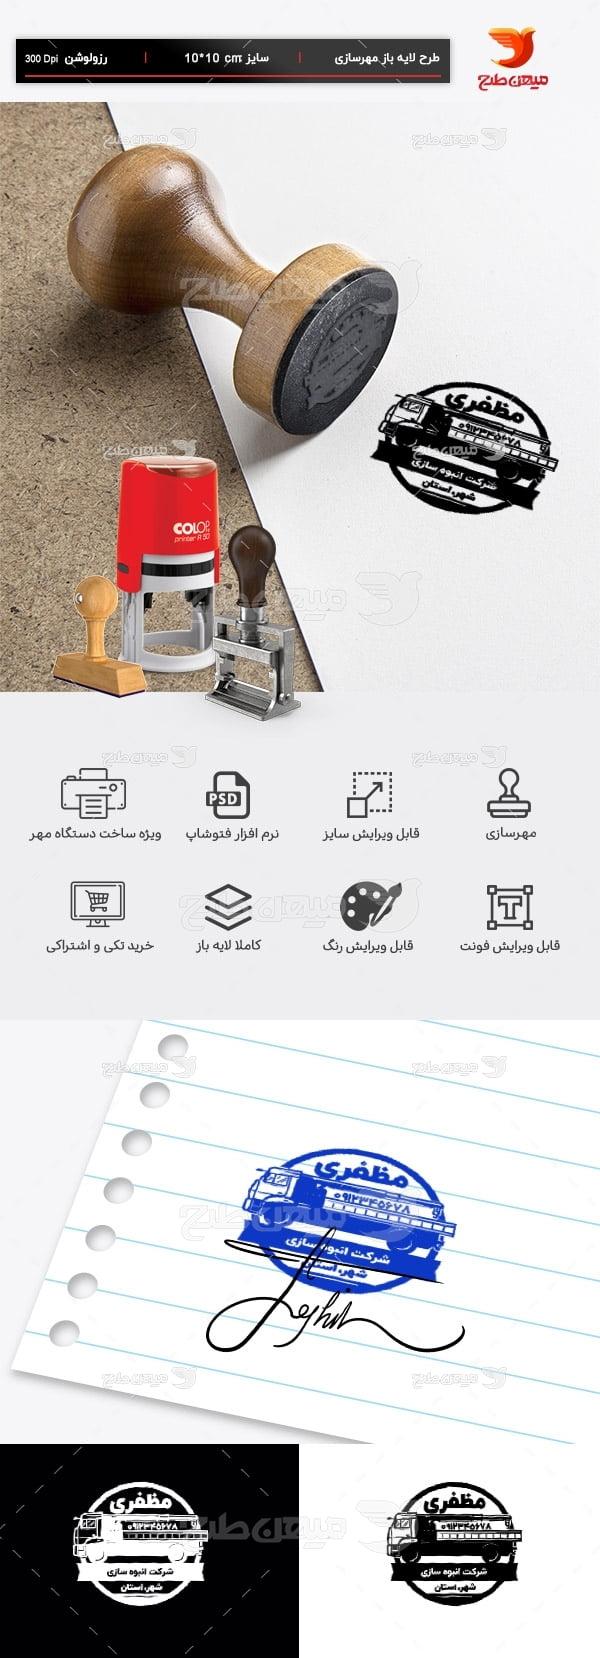 طرح لایه باز مهرسازی شرکت انبوه سازی ساختمان